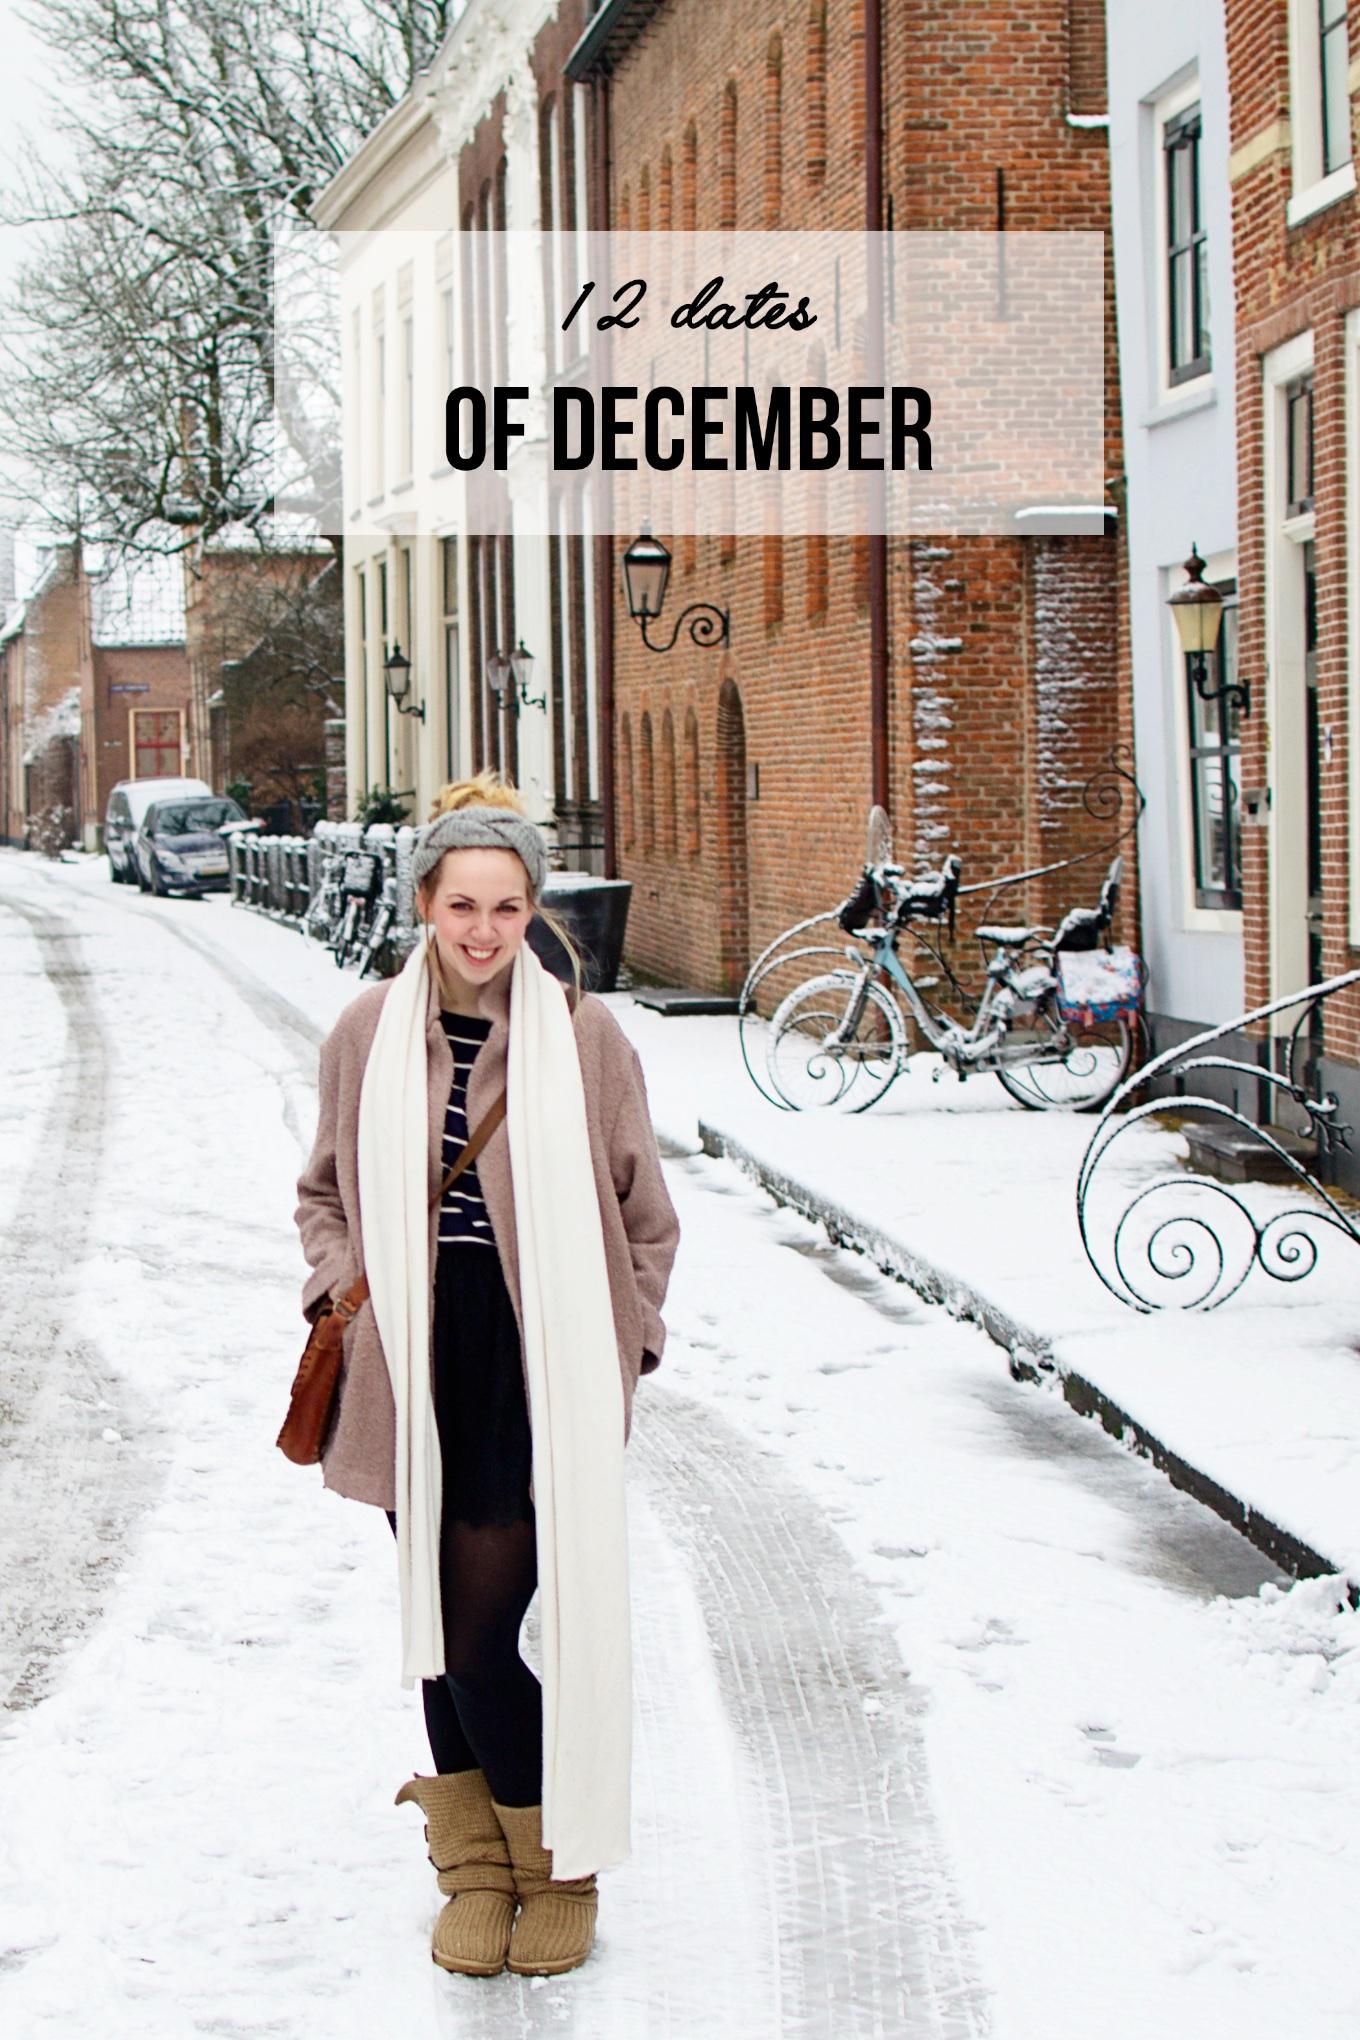 originele date idee, dates voor stellen, dates in december